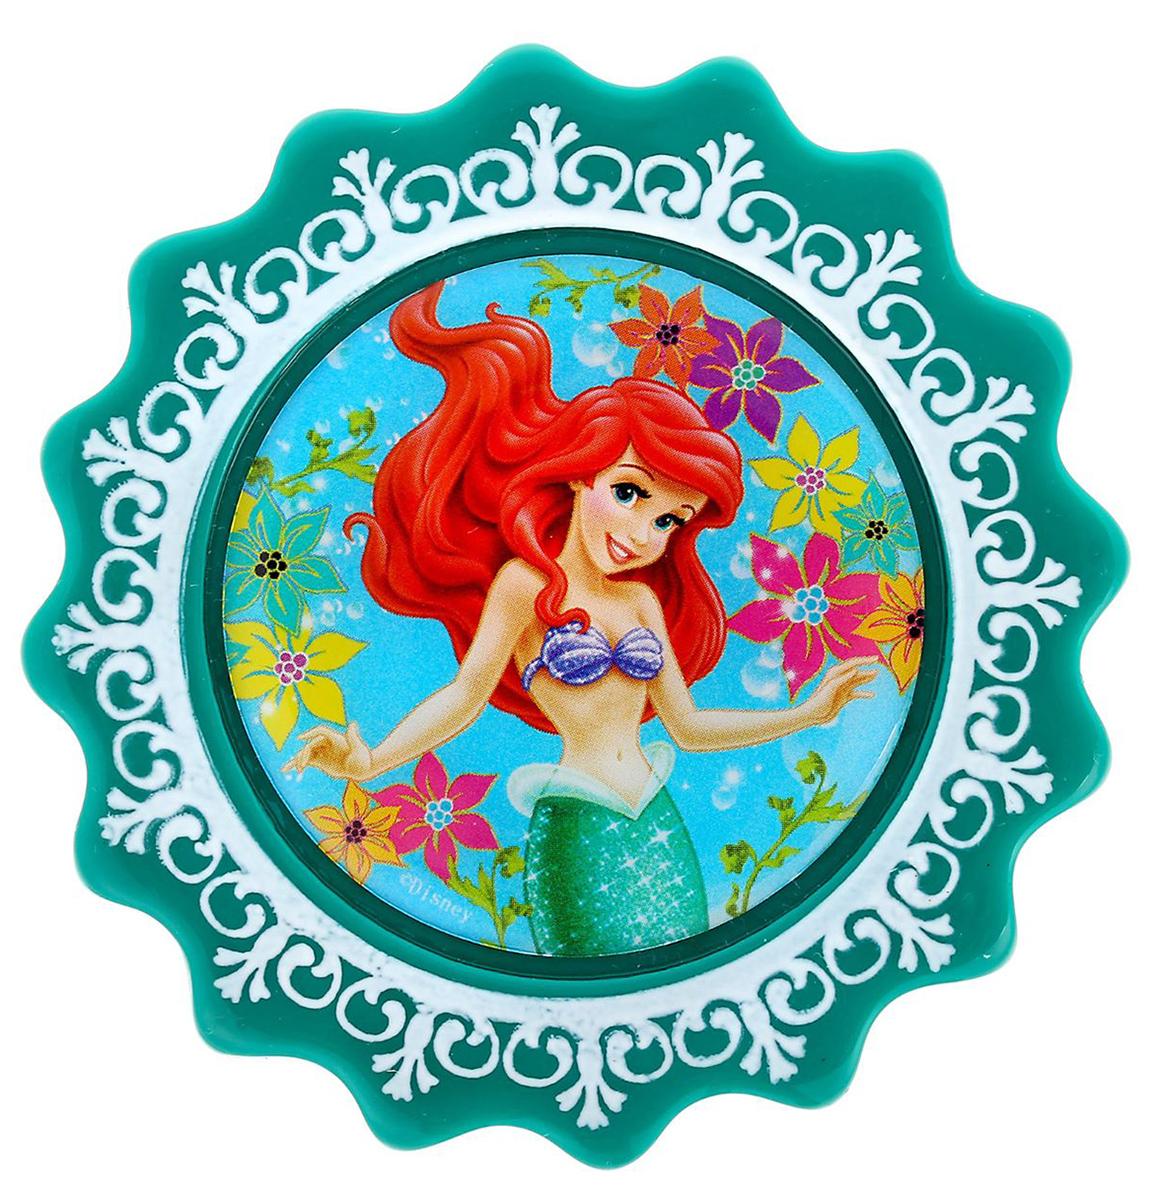 Магнит-рамка Disney Ариэль, 7 х 7 см. 12568471256847Дарите радость с Disney Удивите малышей уникальным сувениром с любимым персонажем! Он порадует ребёнка стильным дизайном и ярким исполнением. Красочный акриловый магнит будет долгие годы украшать холодильник или другую металлическую поверхность. Изделие дополнено оригинальной открыткой, где можно написать тёплые слова и сделать маленький подарок более личным. Соберите коллекцию аксессуаров с любимыми героями!